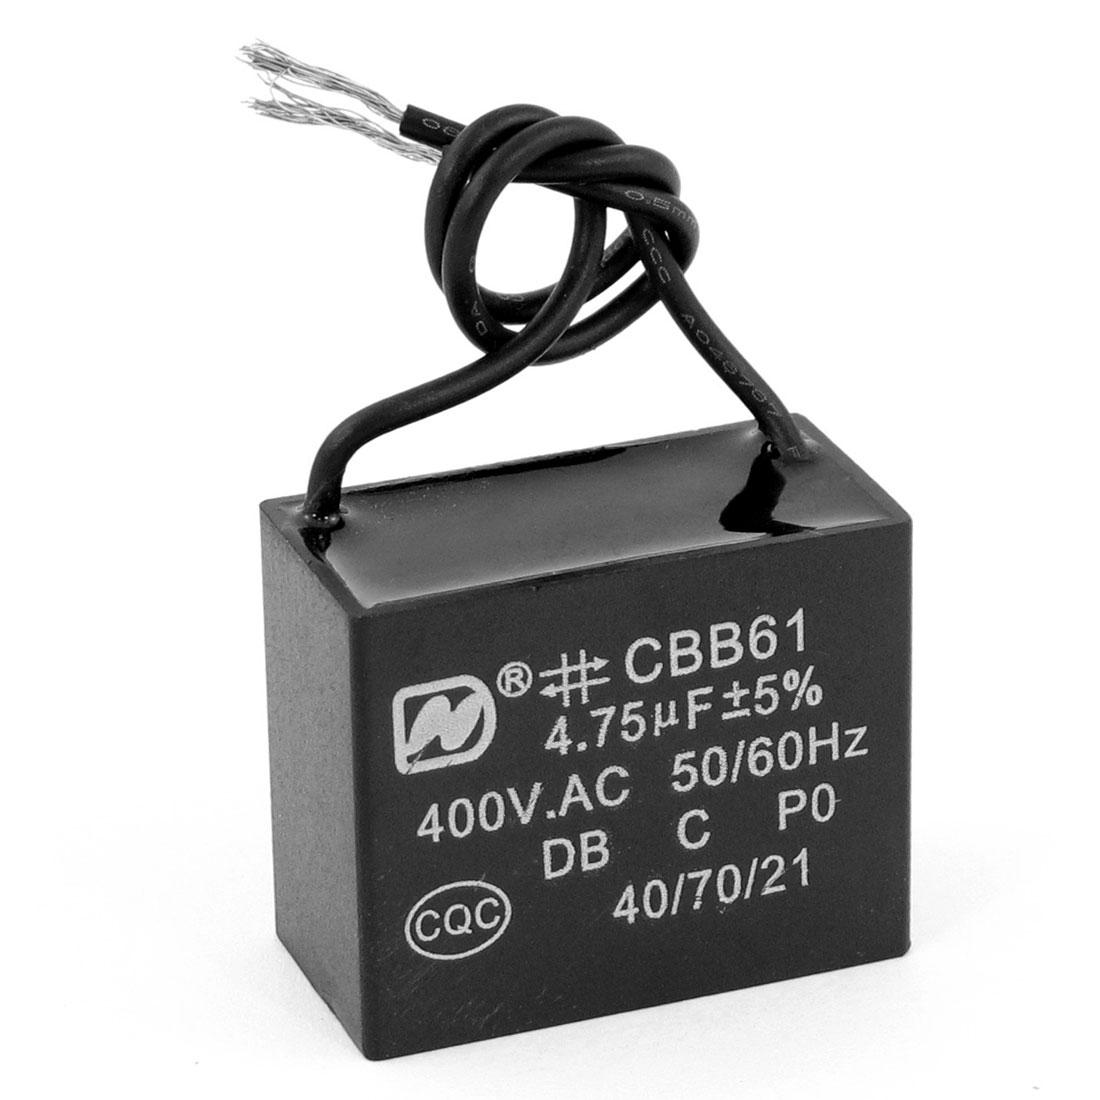 AC 400V 4.75uF Ceiling Fan Motor Running Capacitor CBB61